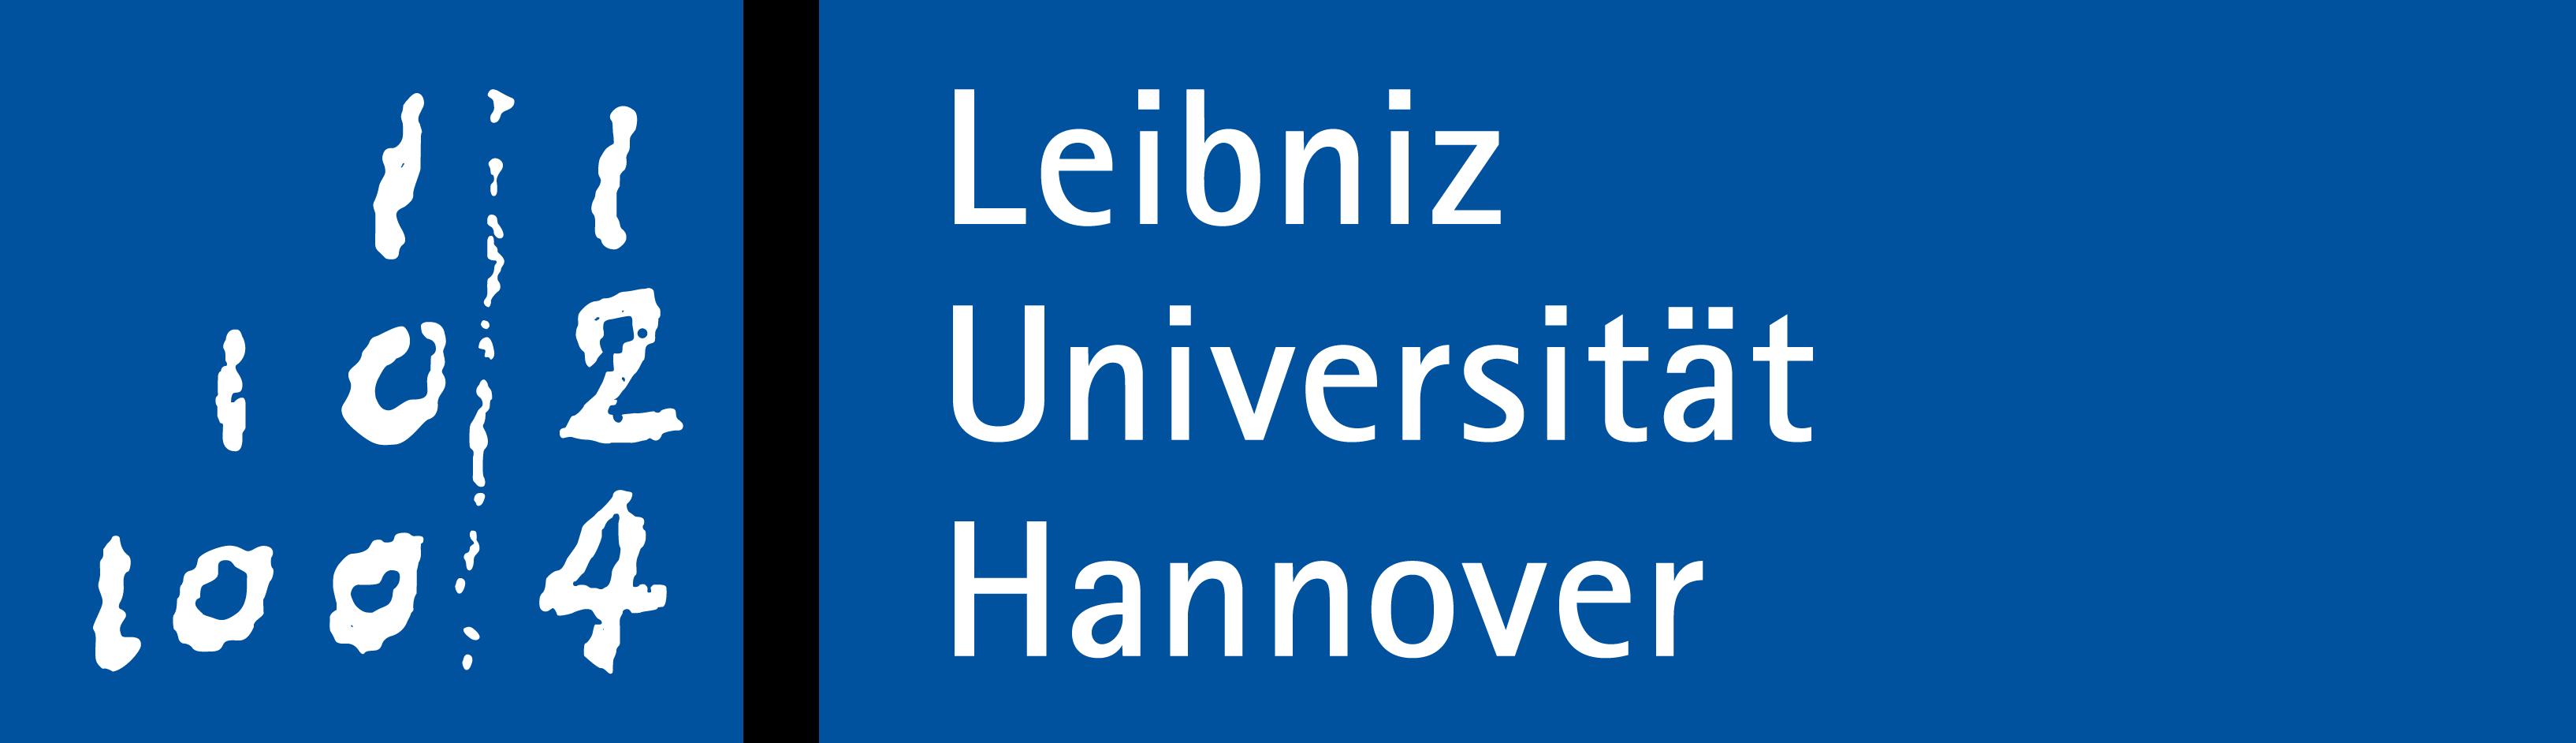 logo Leibniz Universität Hannover